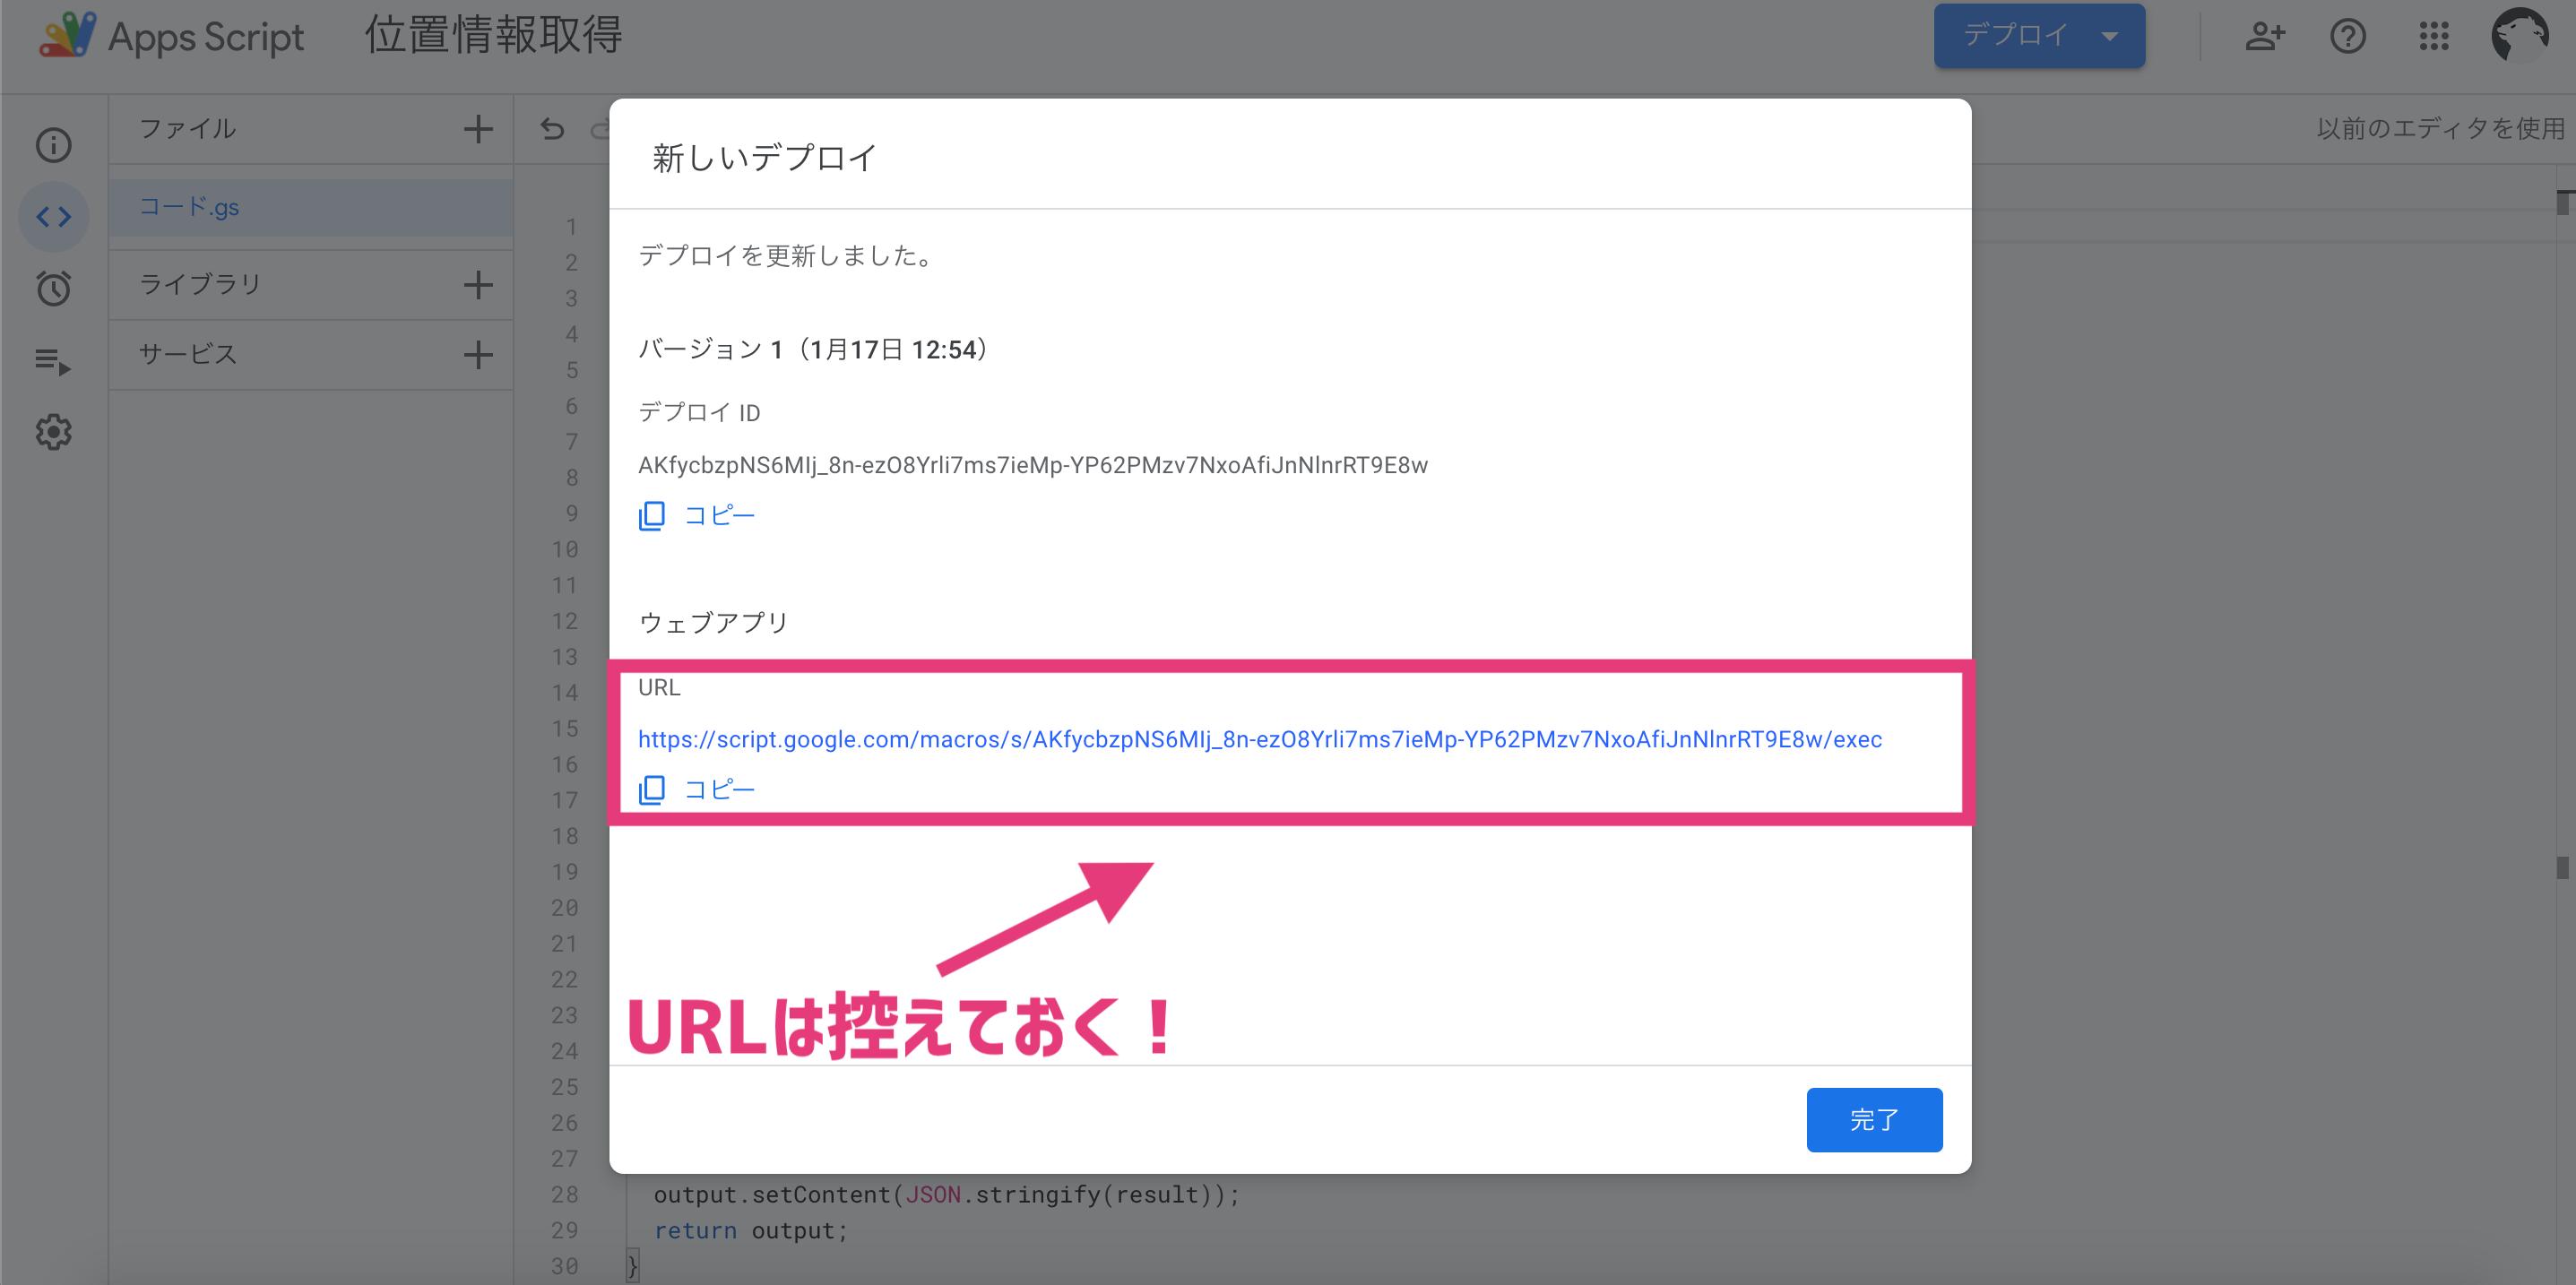 URLは控えておく